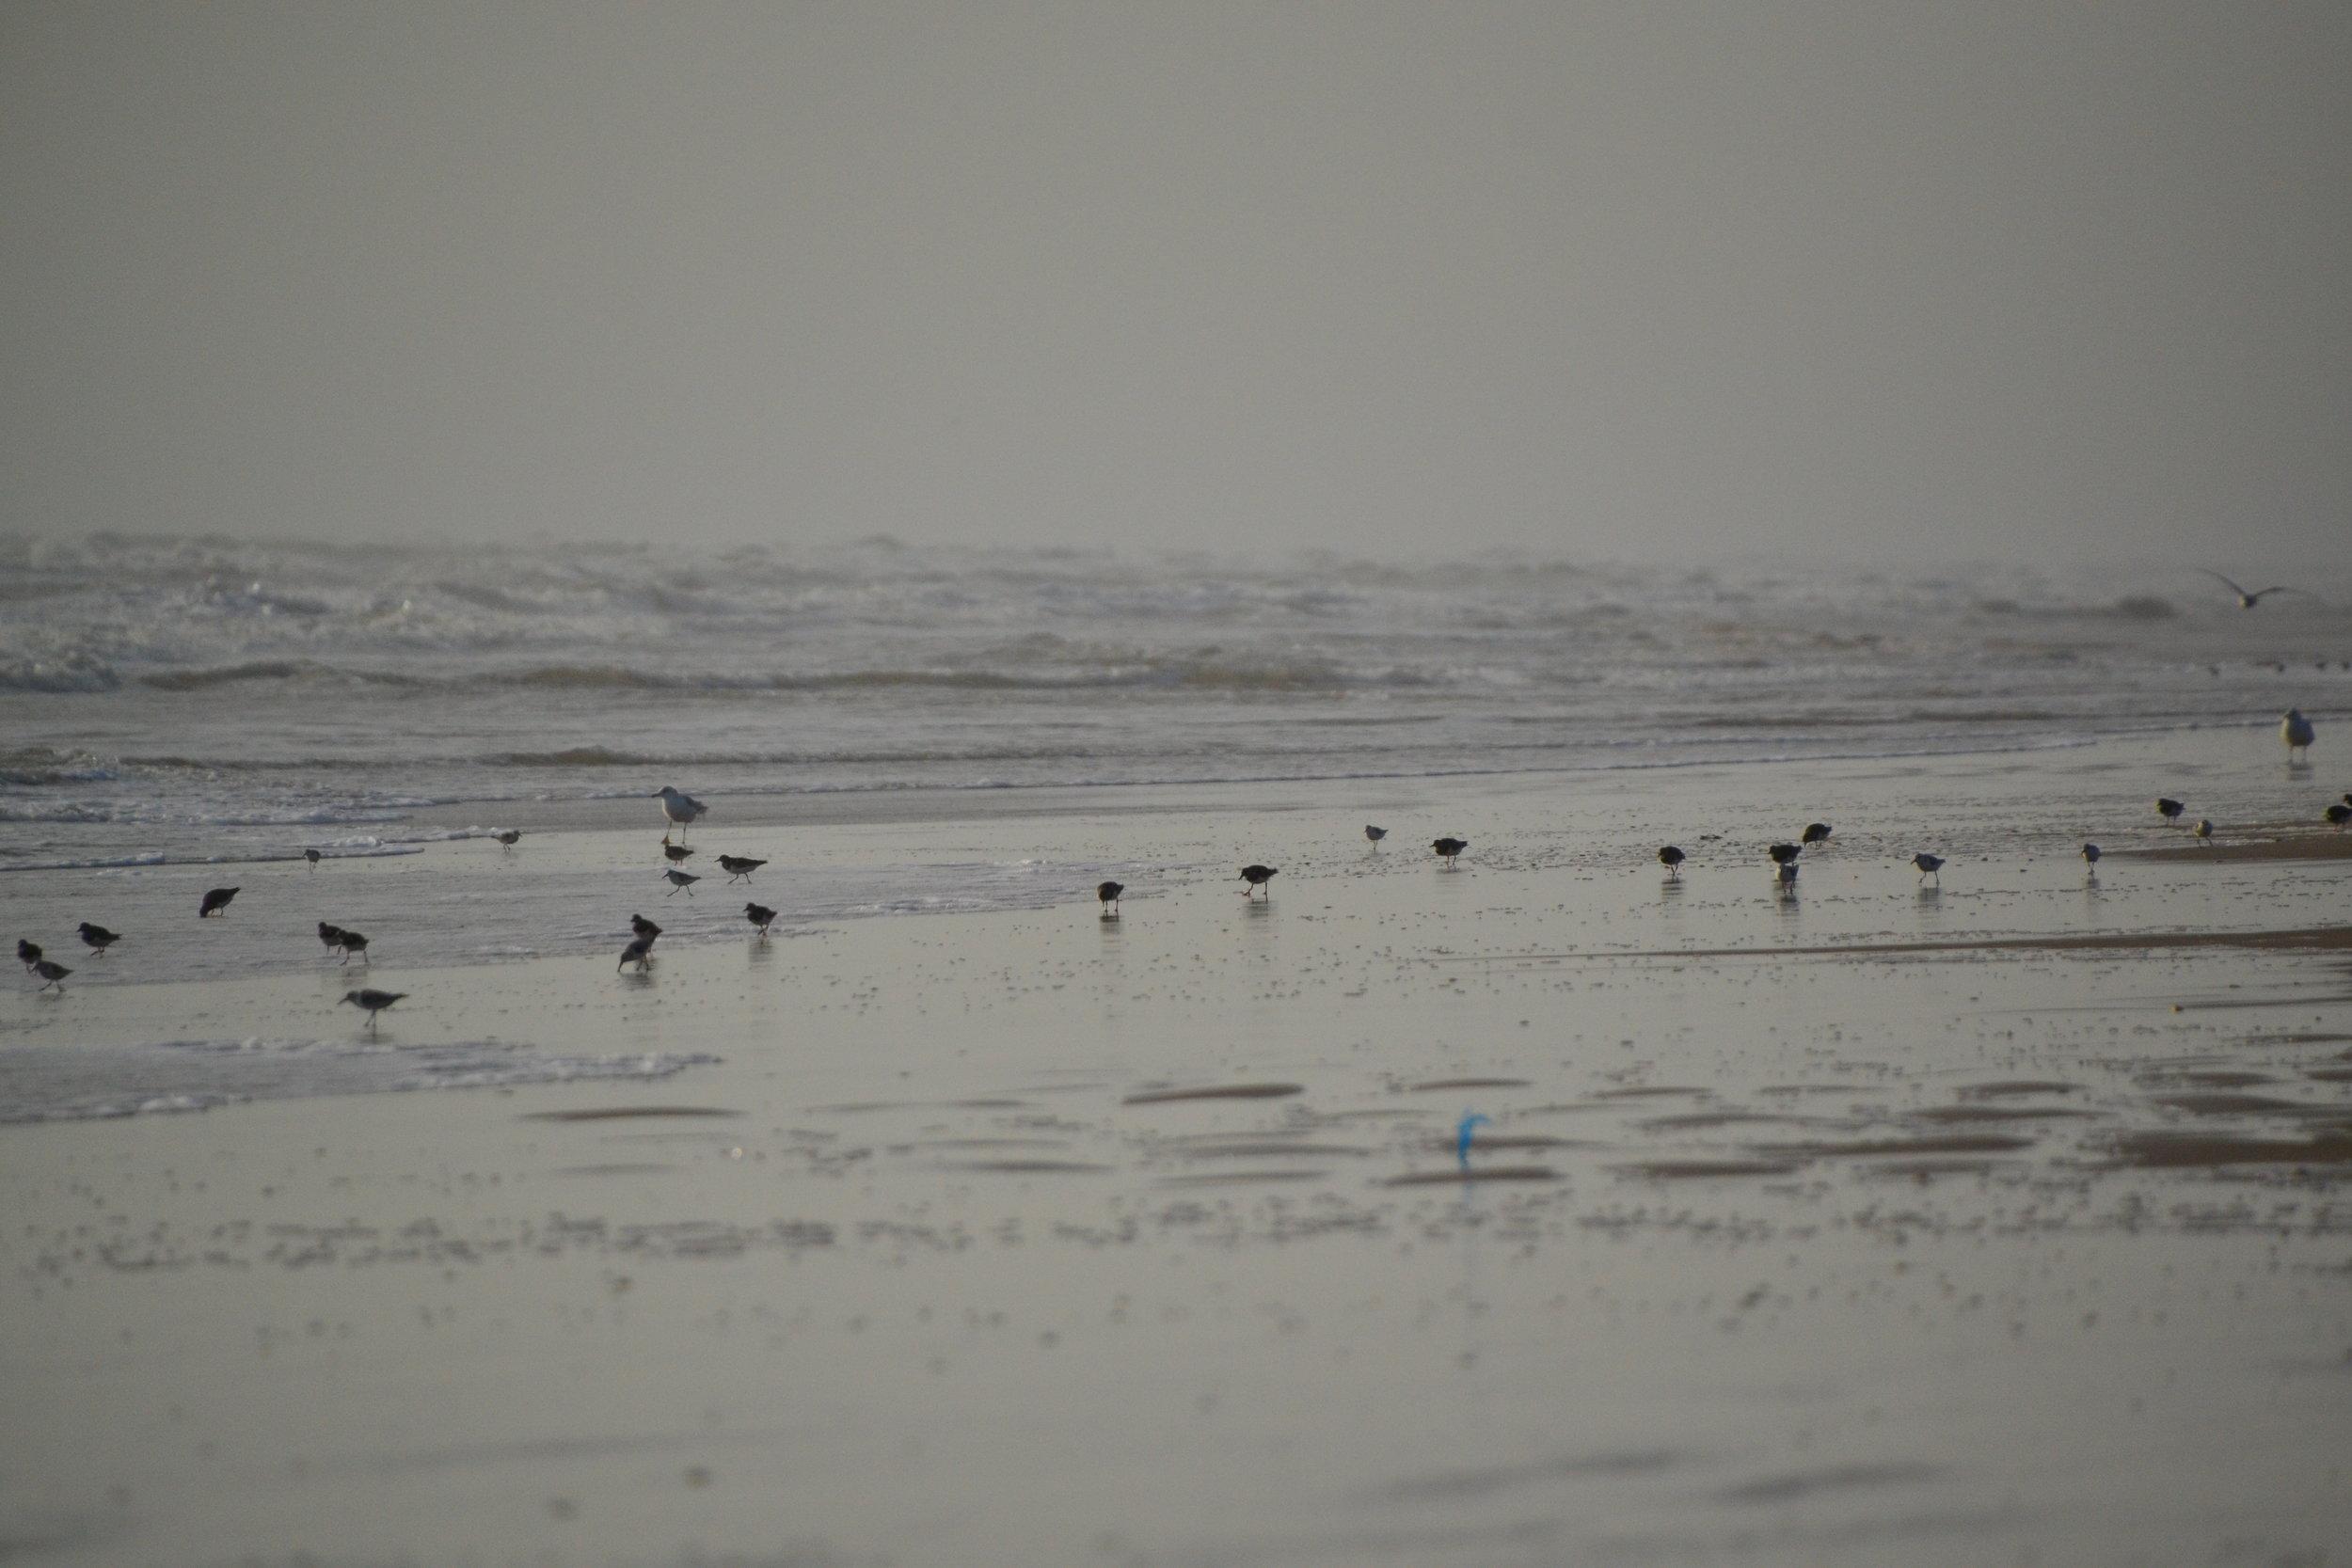 Winter's morning, shorebirds.